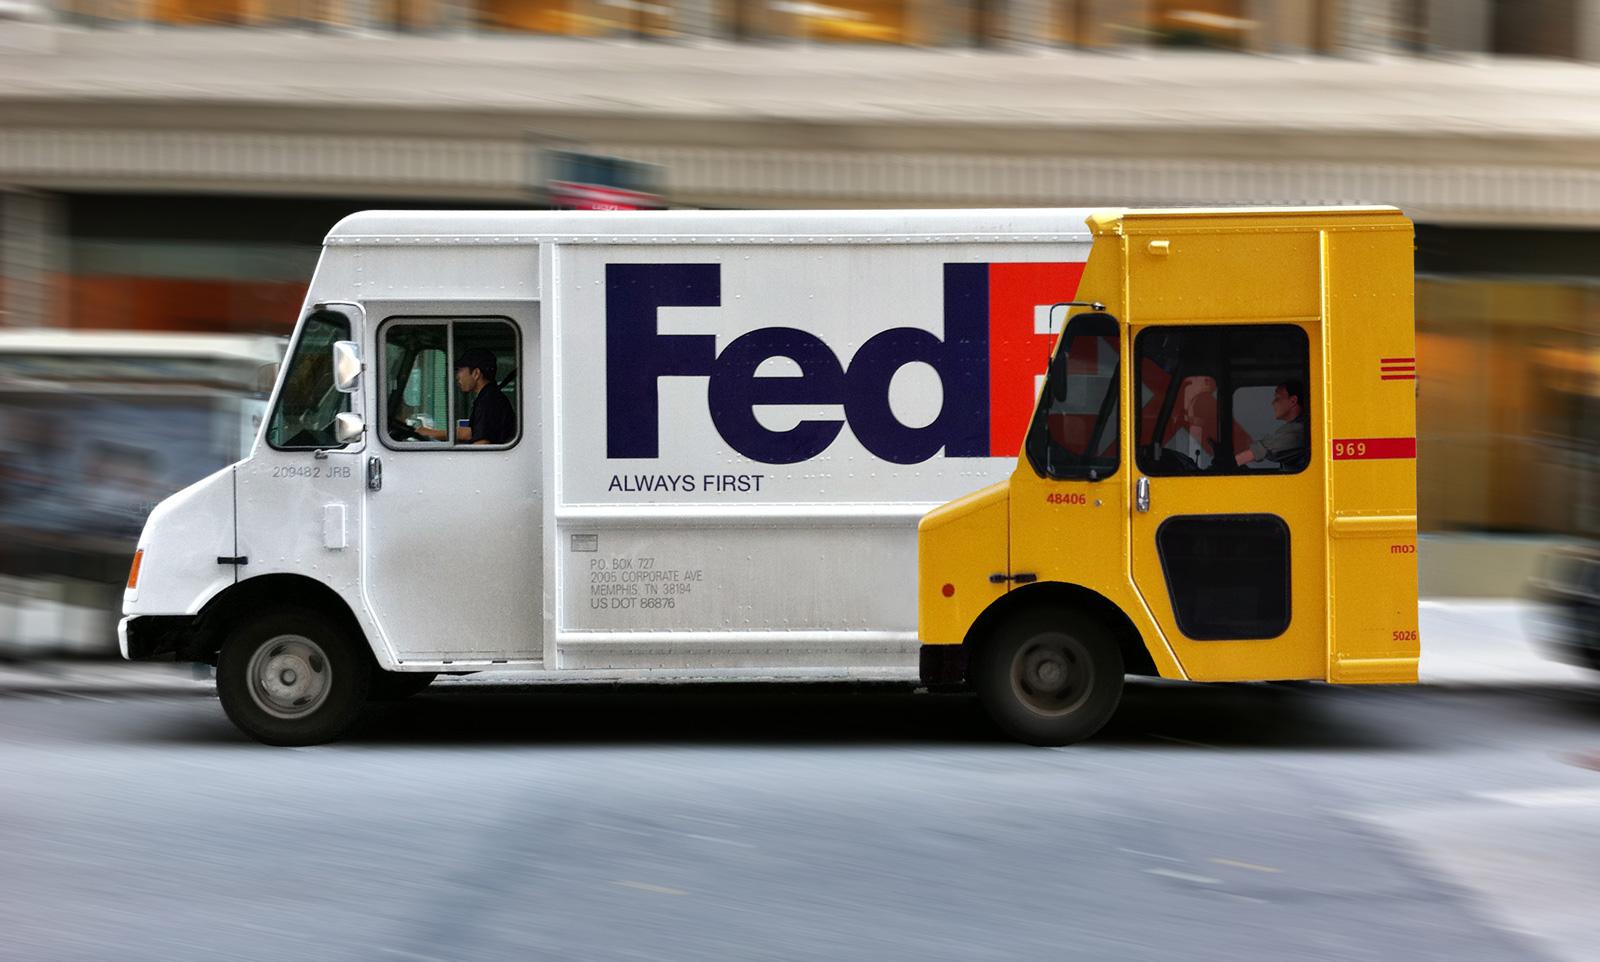 fedex ambient ad always first truck